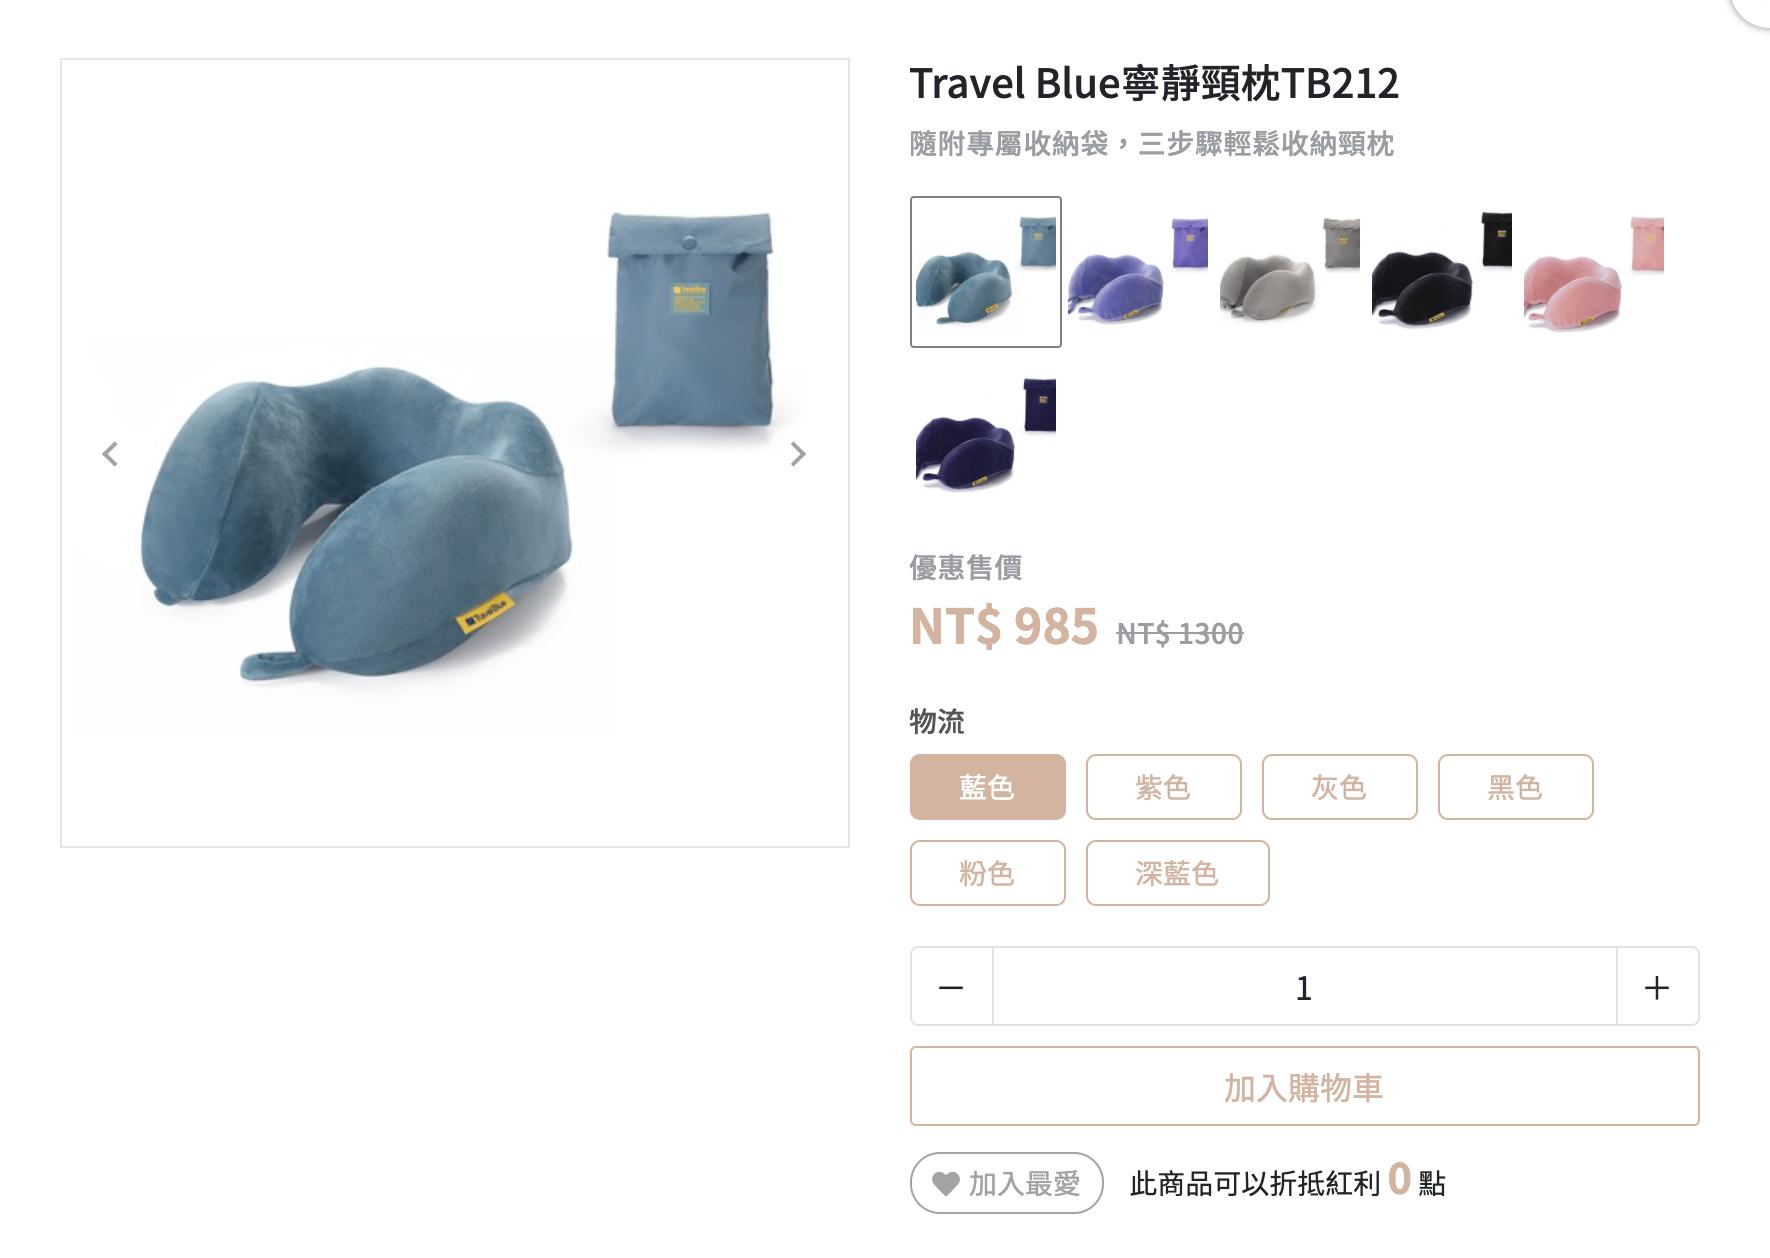 頸枕推薦|寧靜枕開箱,Travel Blue英國藍旅系列特價,七折優惠折扣碼~寧靜頸枕獨家590元全台最低價可買到~